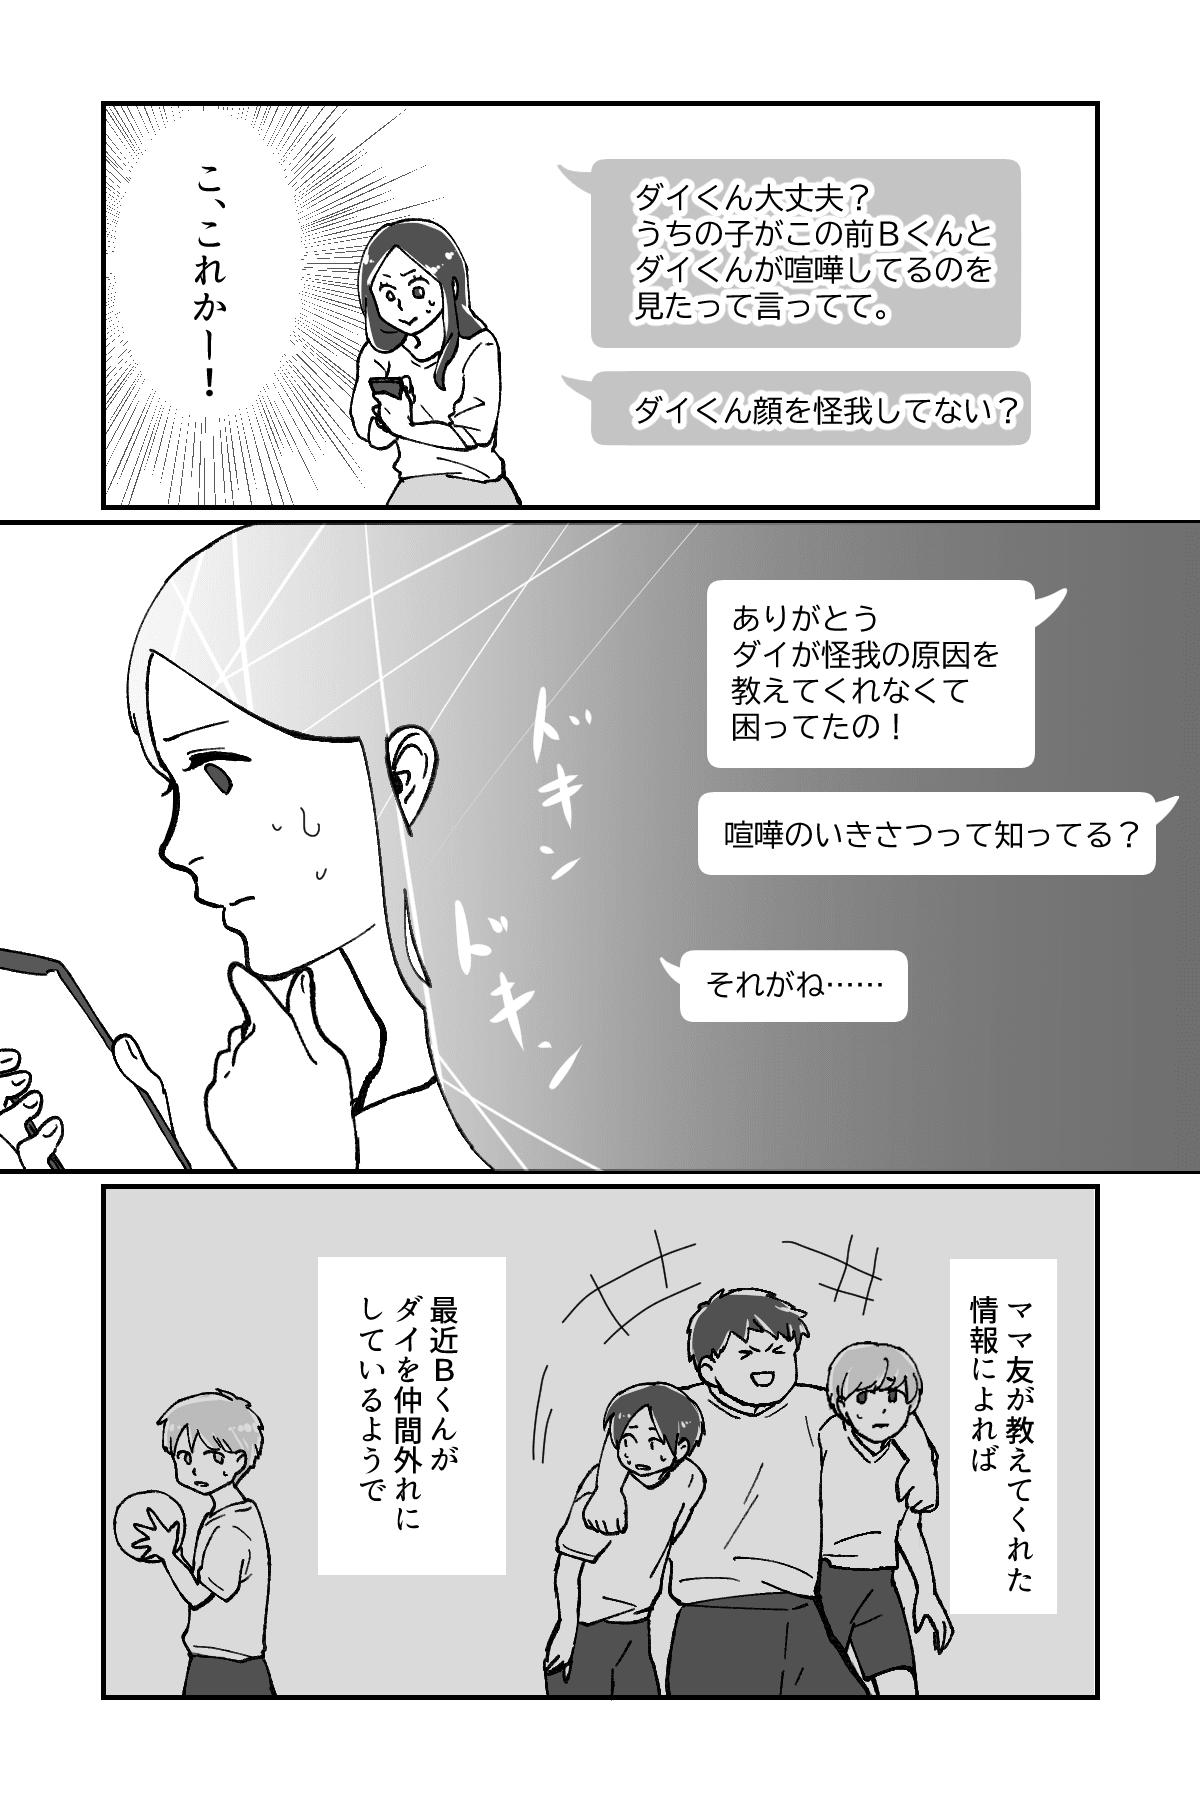 三男編前3